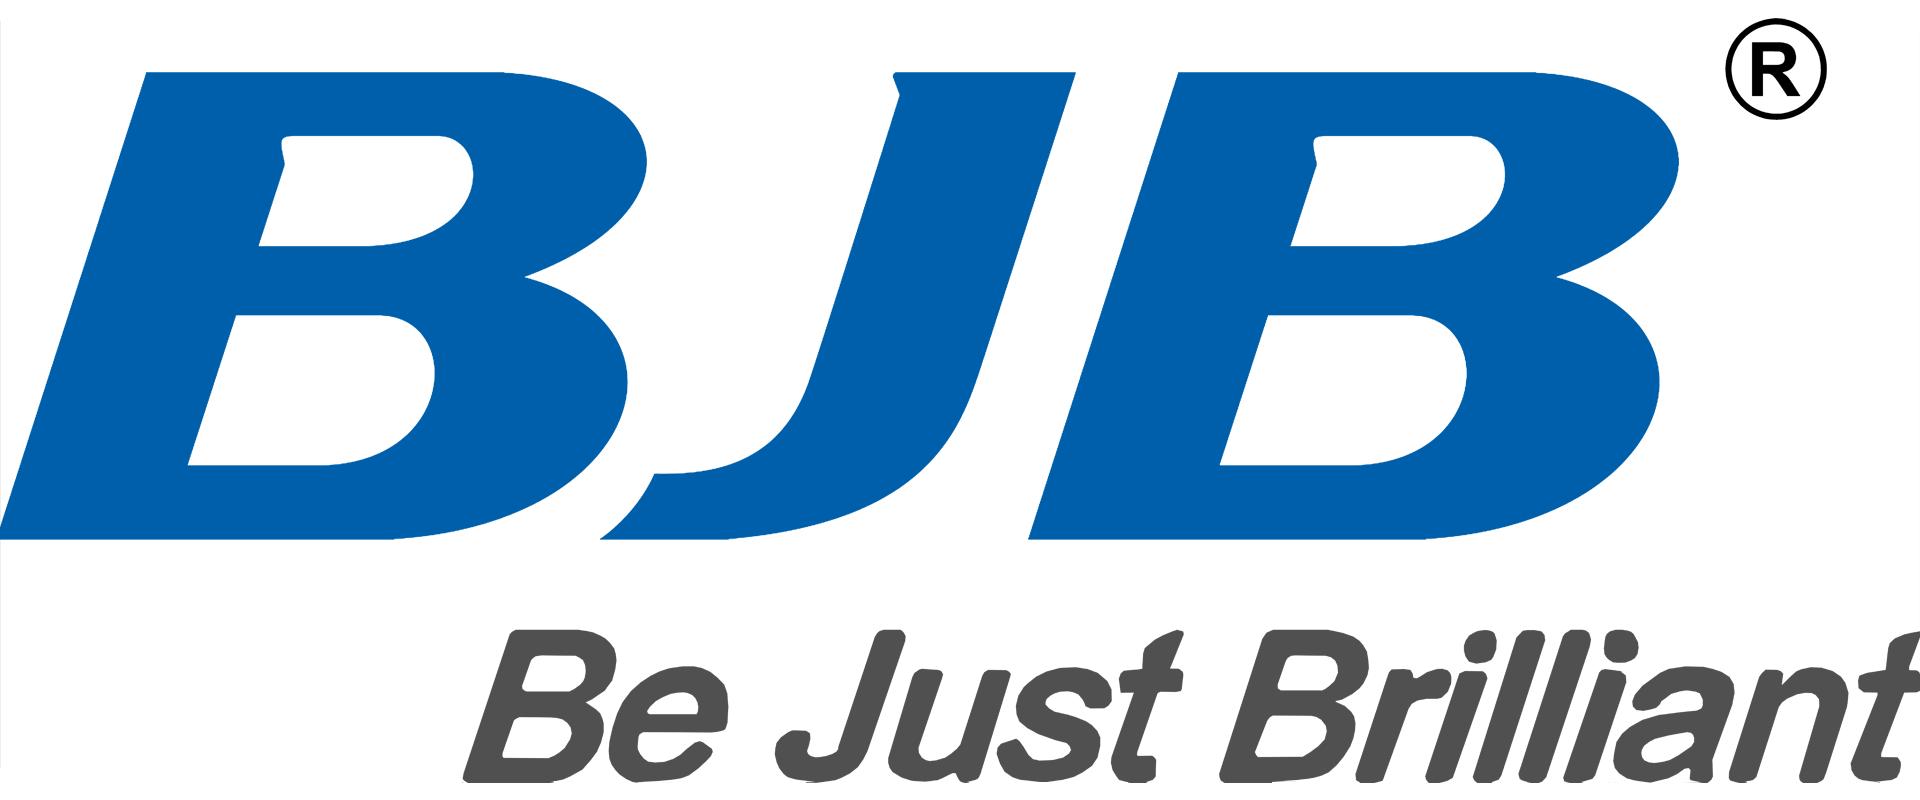 同辉佳视(北京)信息技术股份有限公司(同辉BJB)简介——同辉BJB产品品牌商标LOGO标志